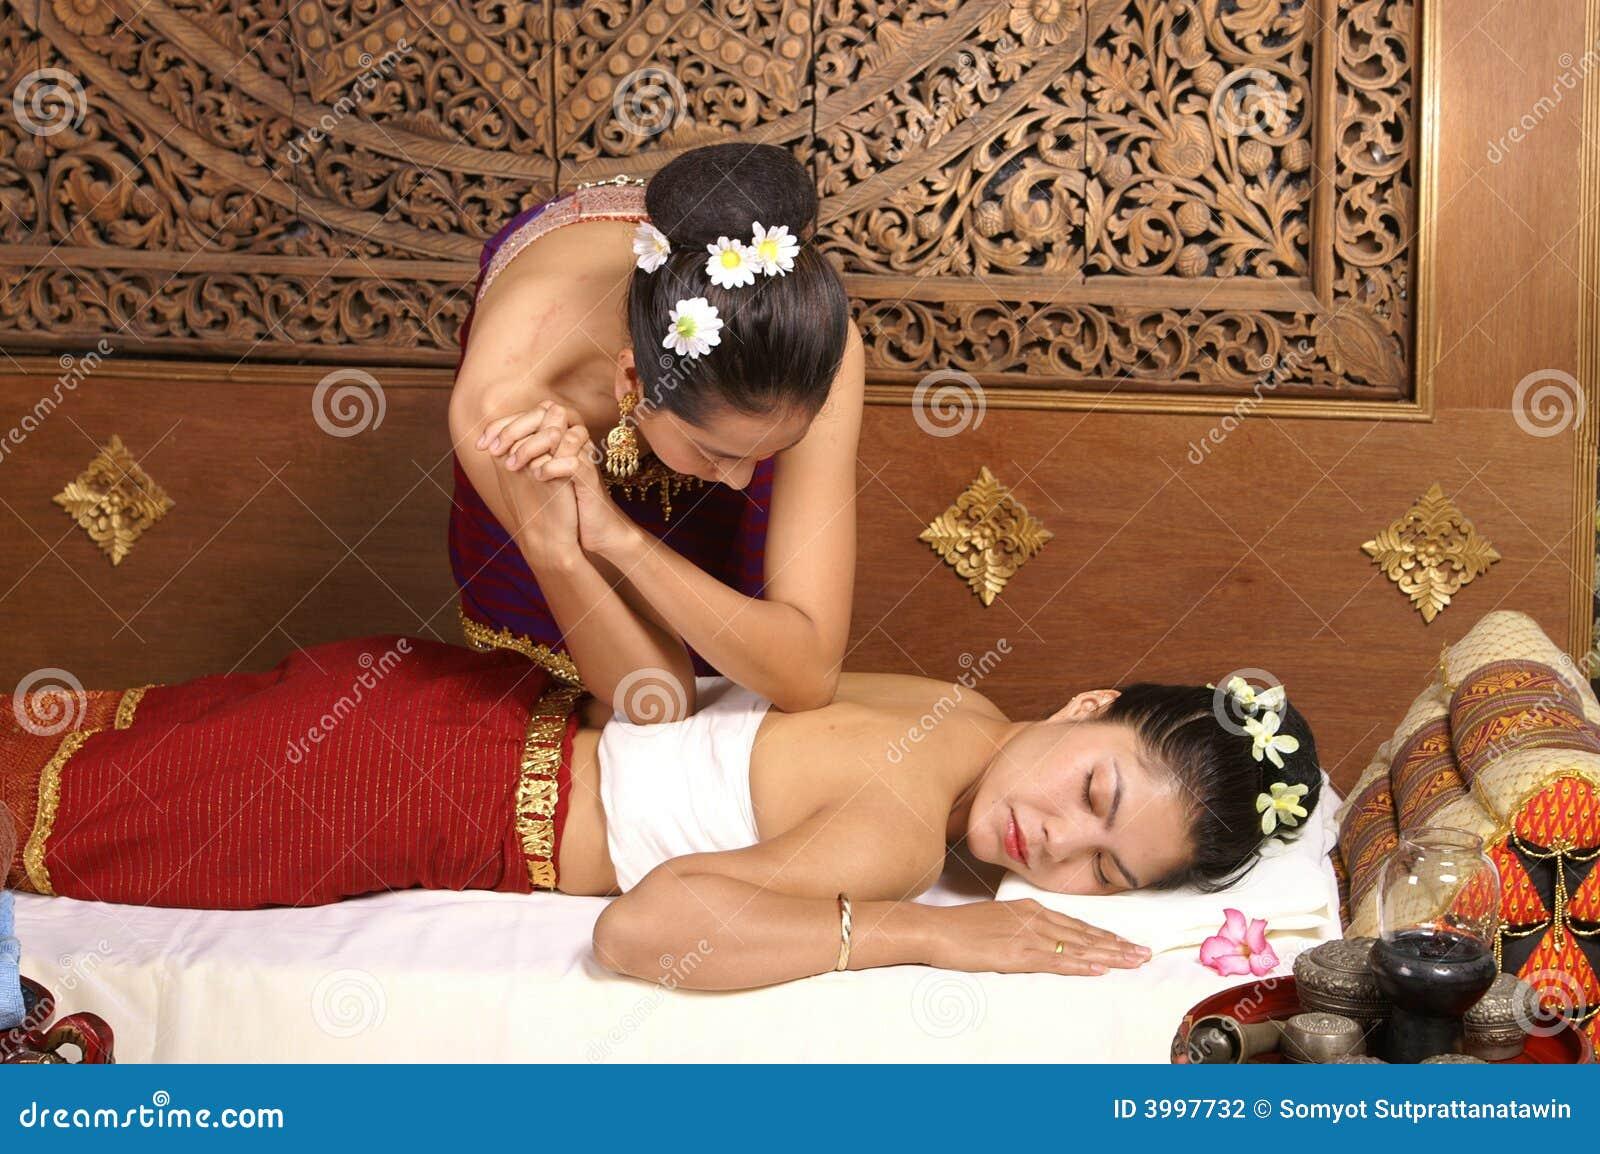 Healthy Thai Massage